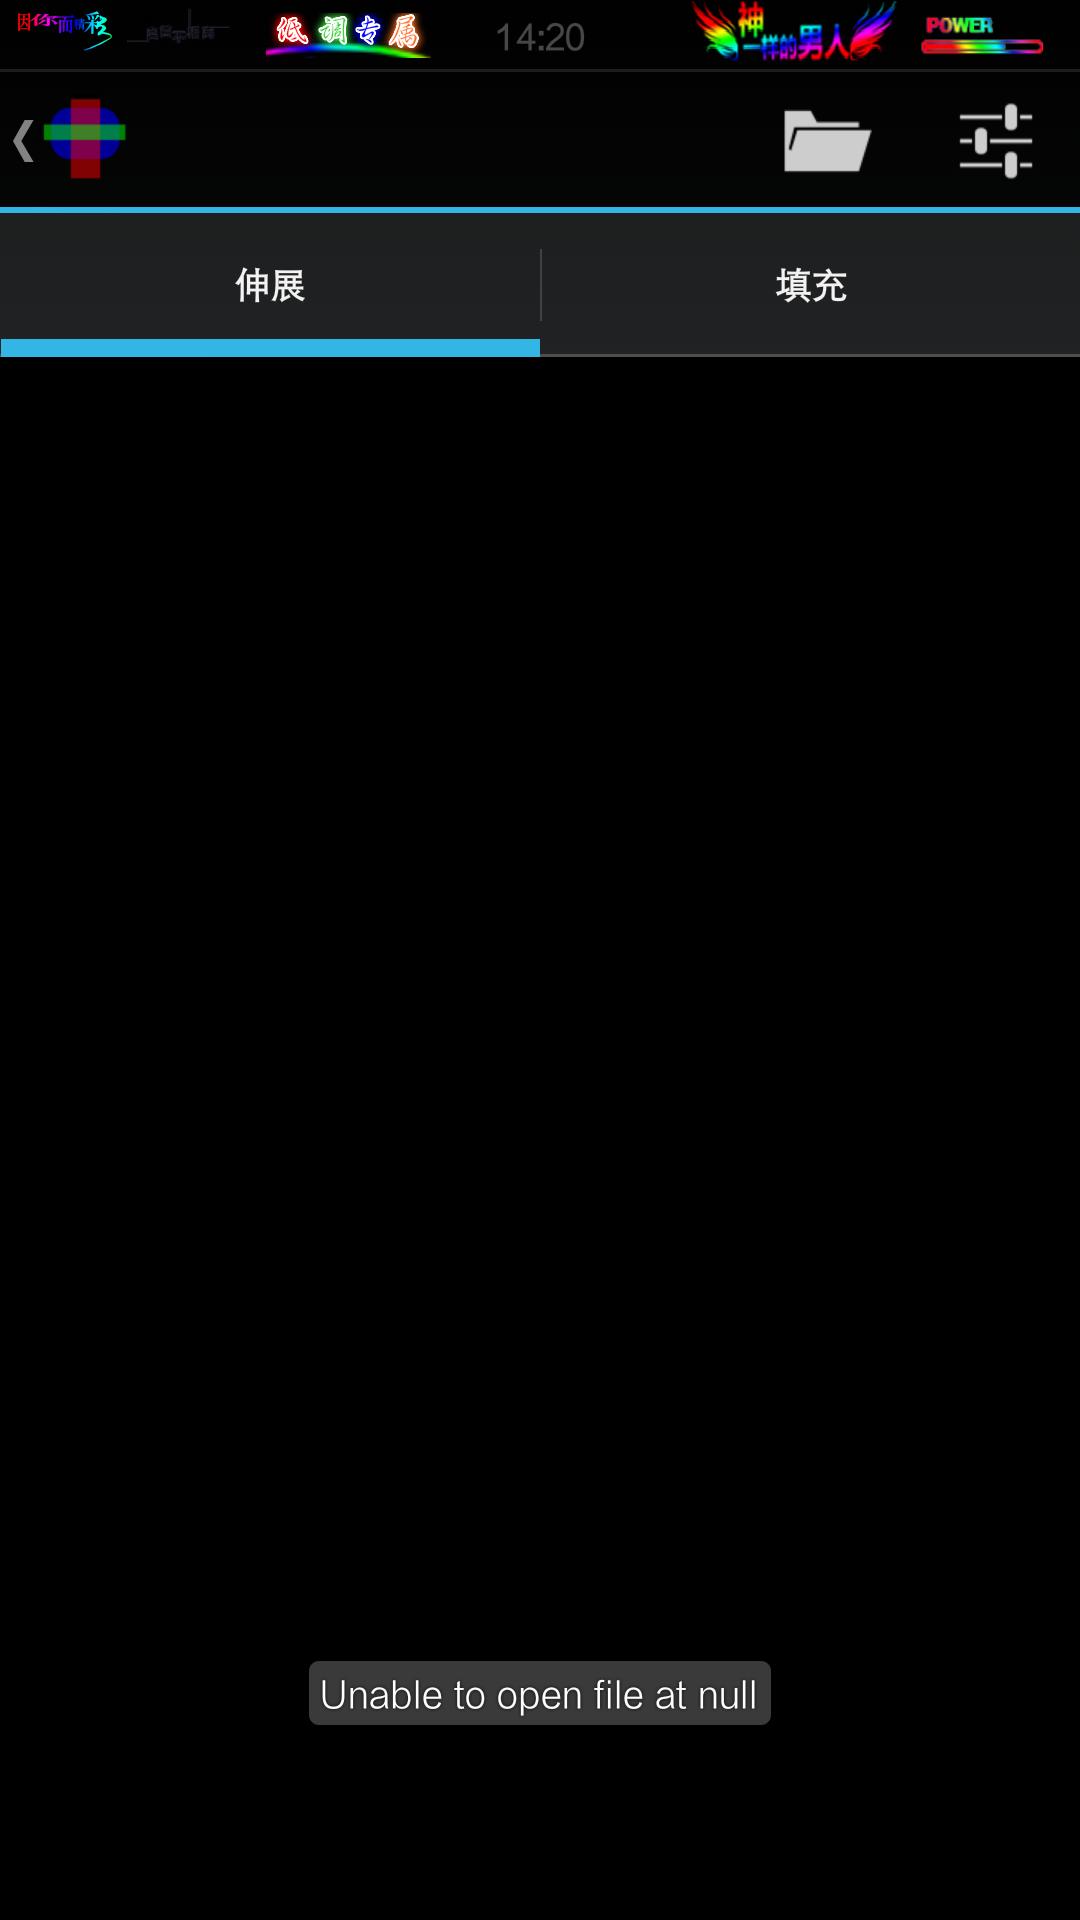 截屏_2015-06-11-14-20-46.png